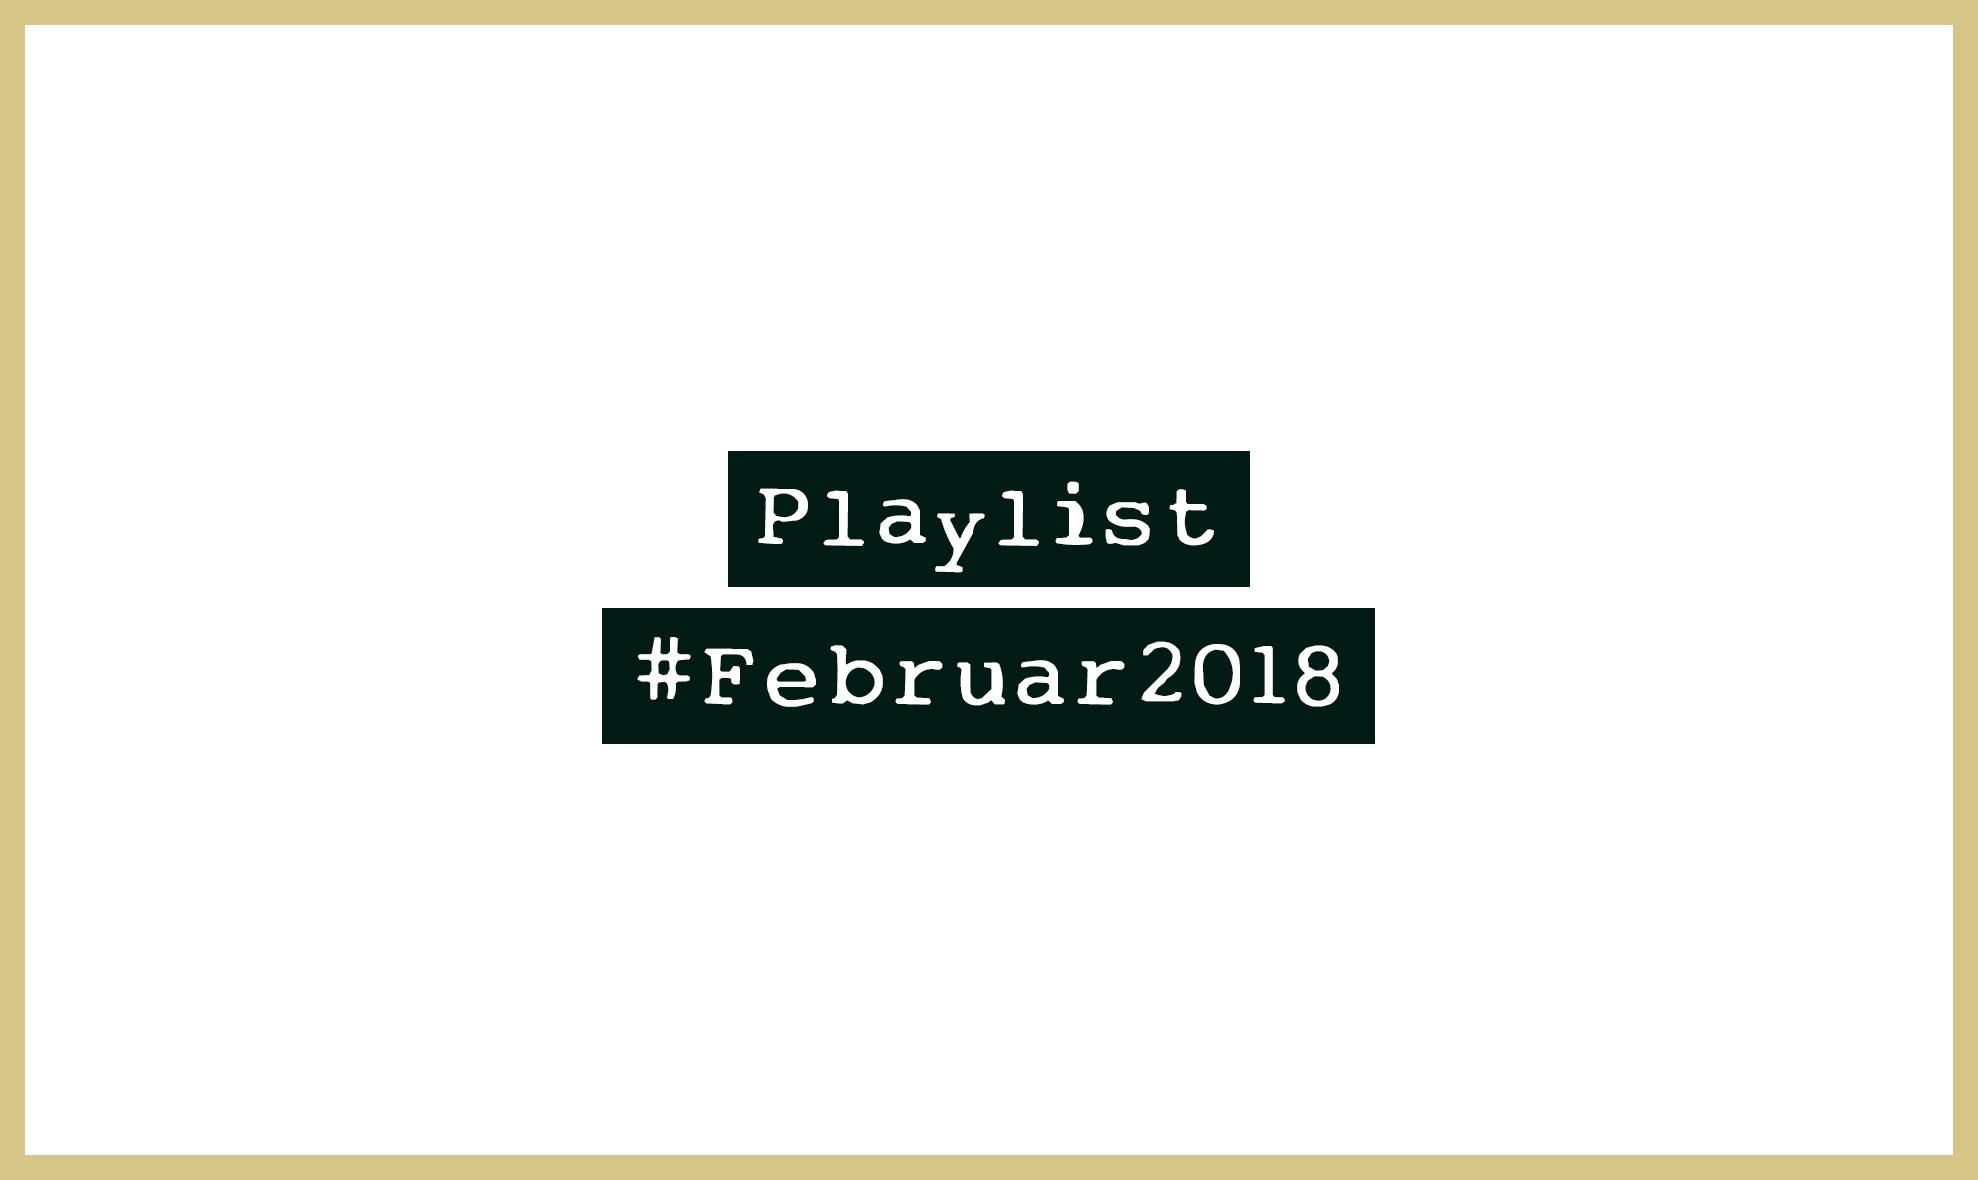 Playlist #Februar2018 - Alle Neuheiten in einer Playlist